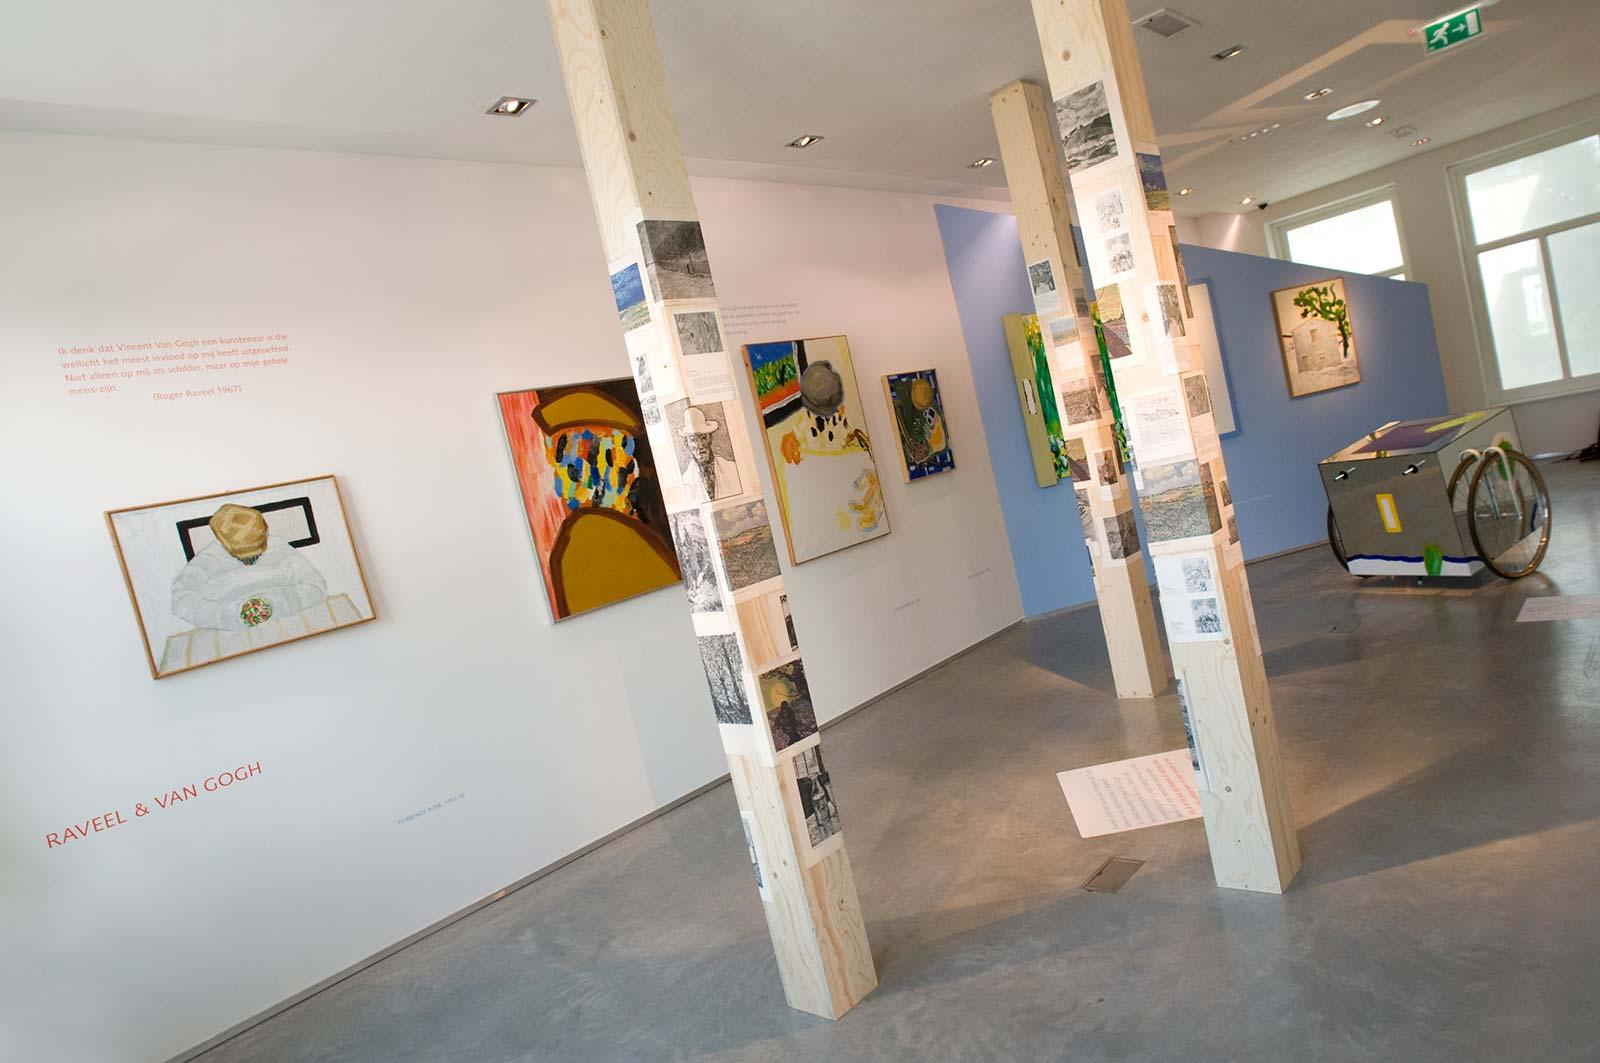 Expo_Raveel-tentoonstelling_foto-Mark-Maas__007-kopie